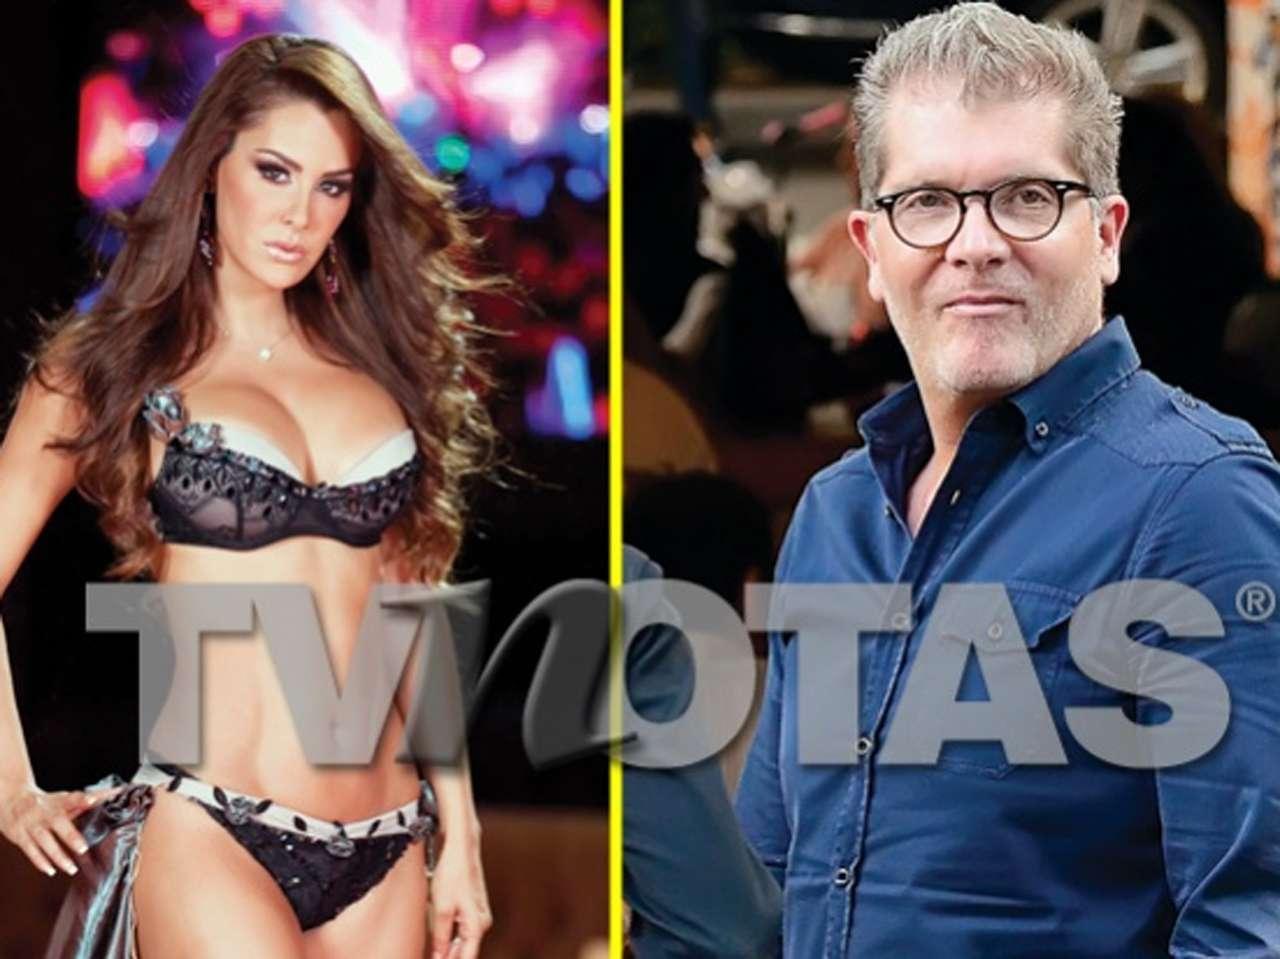 Juan Zepeda y Ninel Conde viven en conflicto legal por demandas que interpone la cantante. Foto: TV Notas